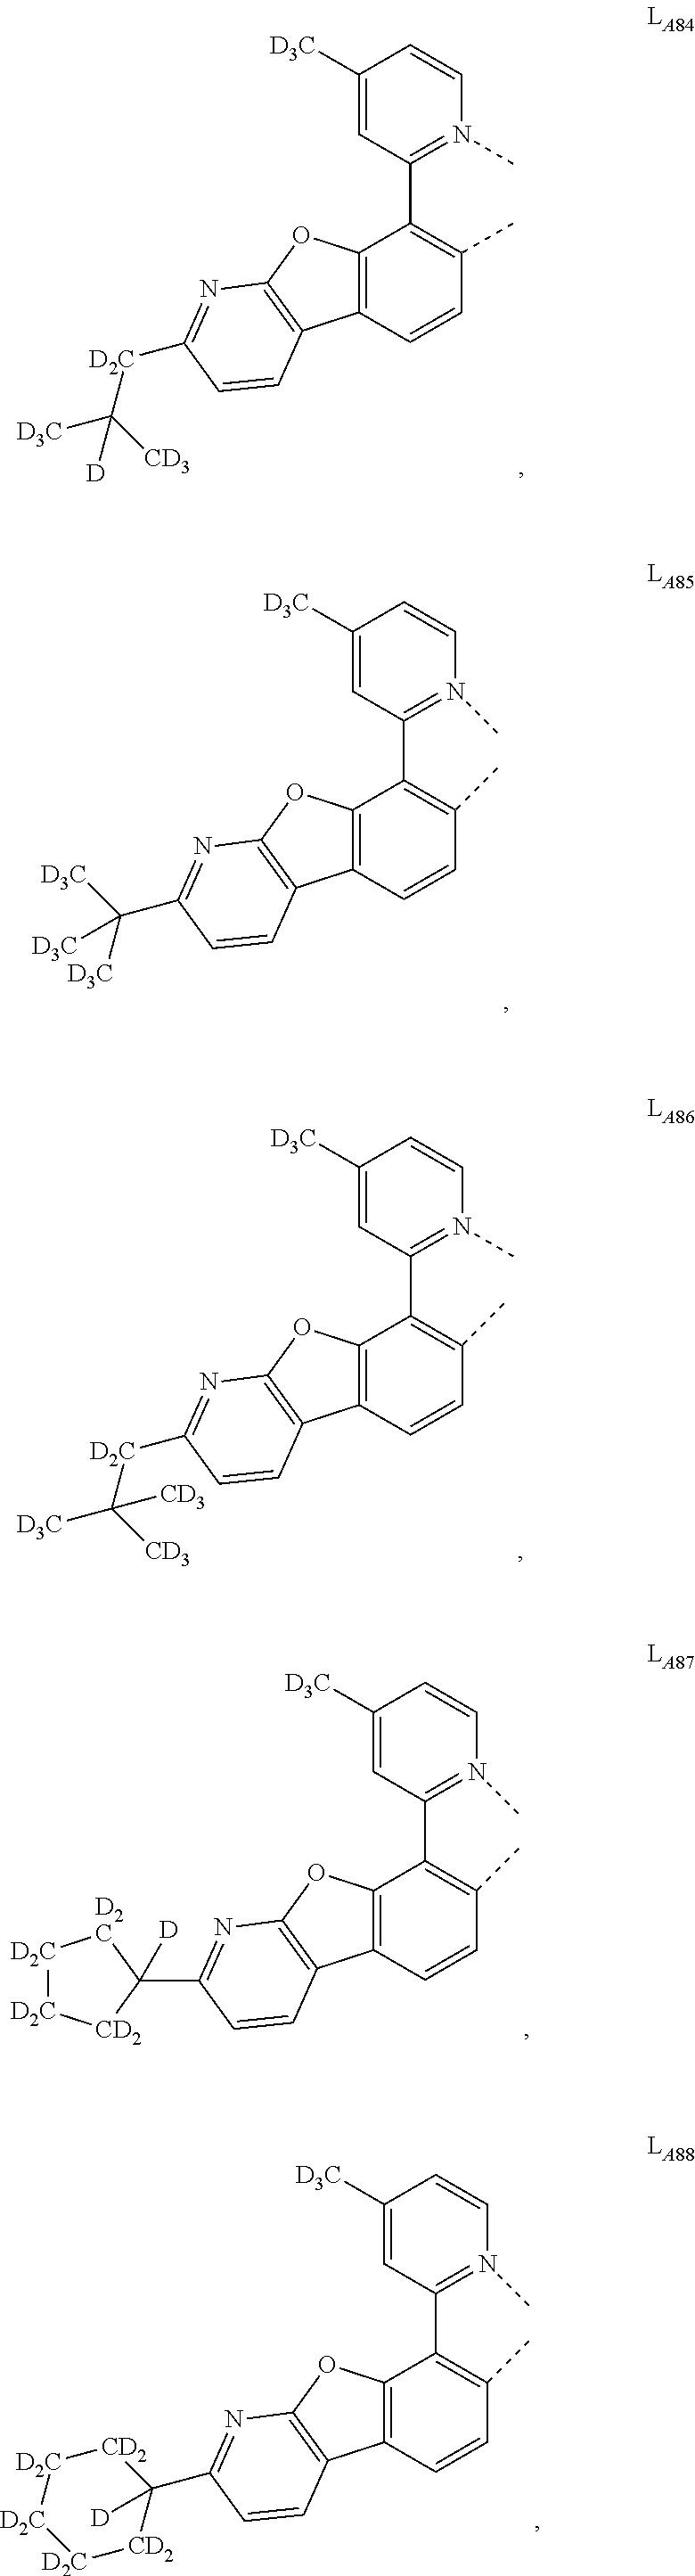 Figure US20160049599A1-20160218-C00027